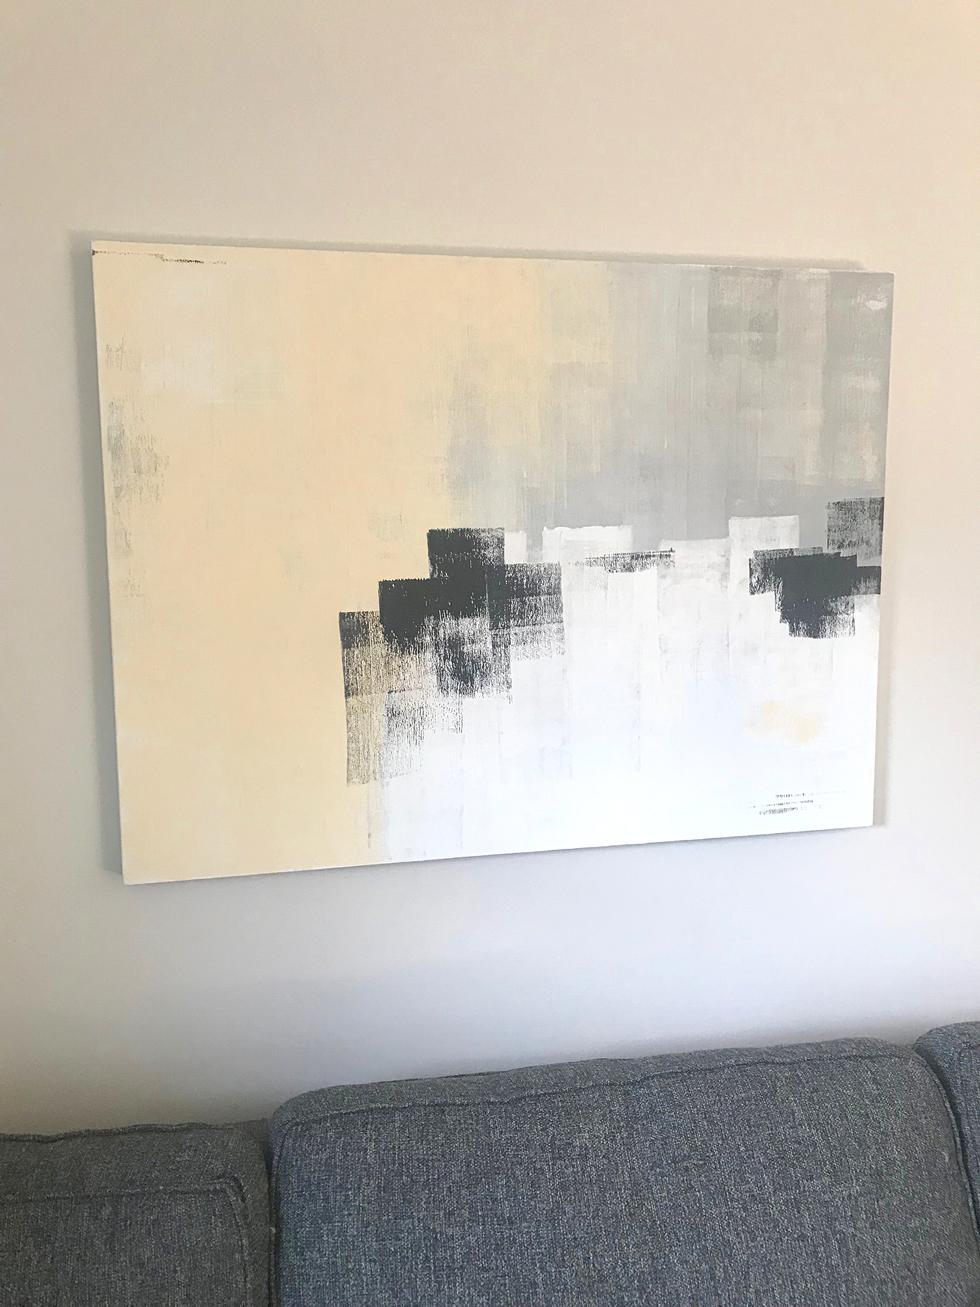 40 x 30 acrylic on canvas